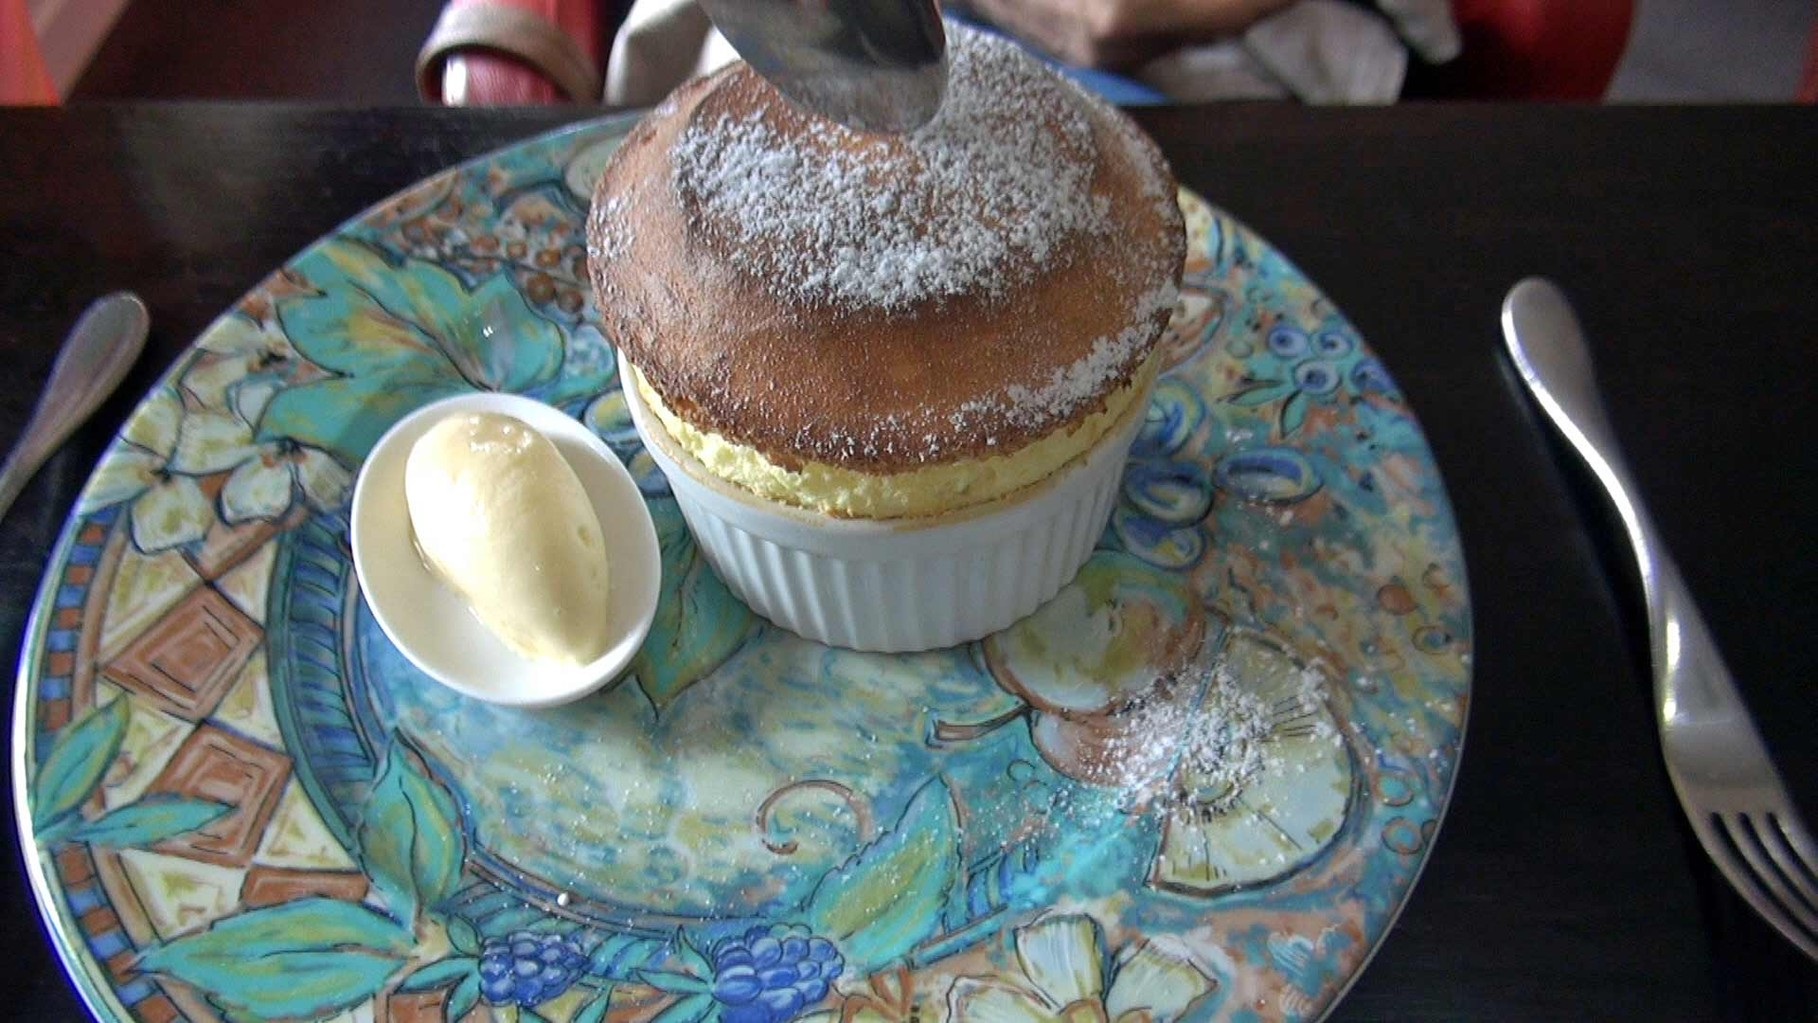 Le service du Soufflé citron, glace chocolat blanc : épisode 1